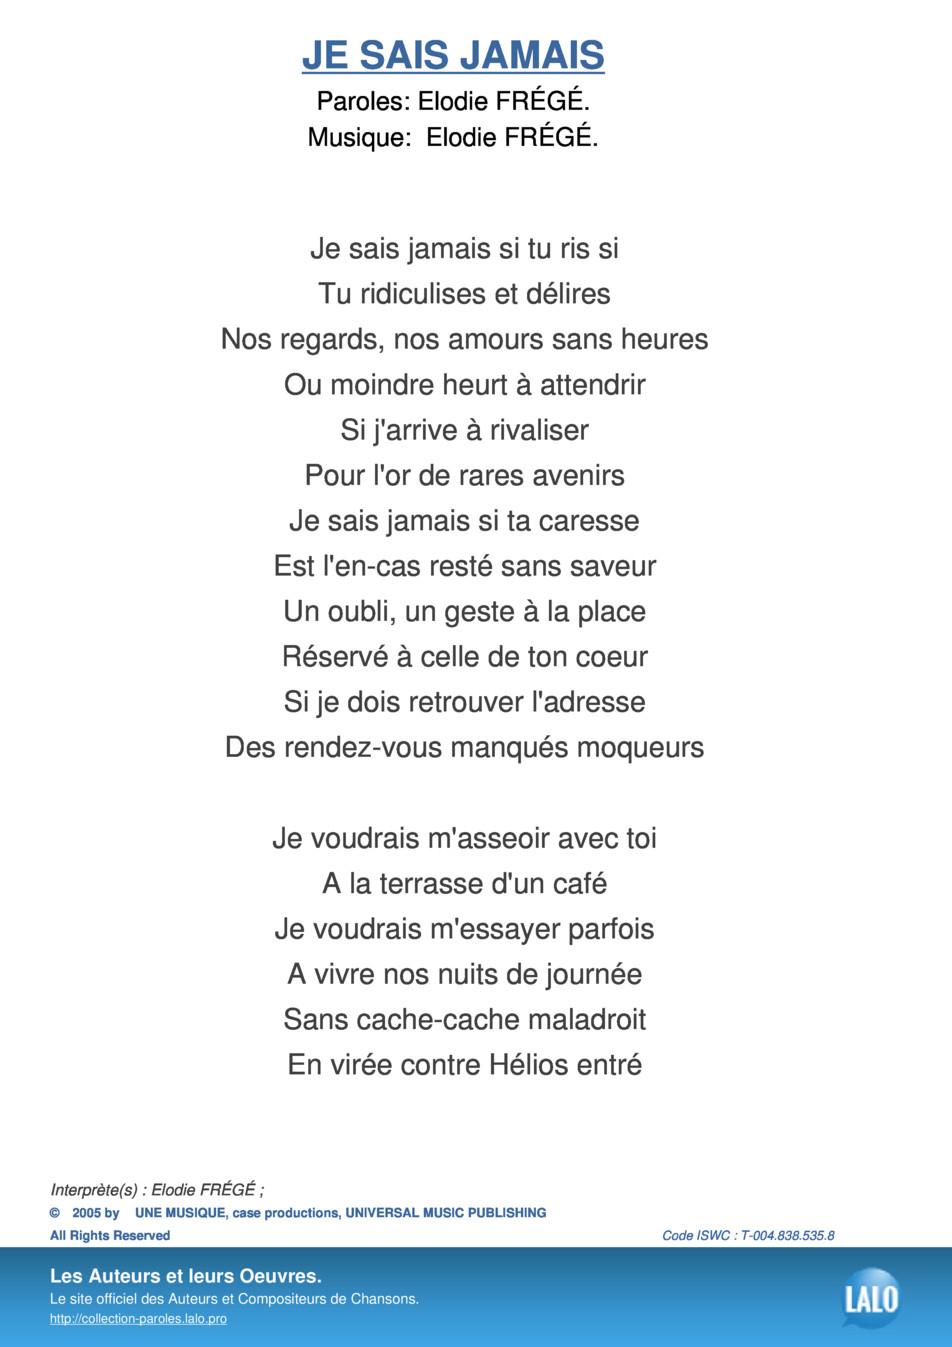 Paroles Et Musique De Je Sais Jamais Elodie Frégé - Lalo.pro tout Retrouver Une Musique Avec Parole